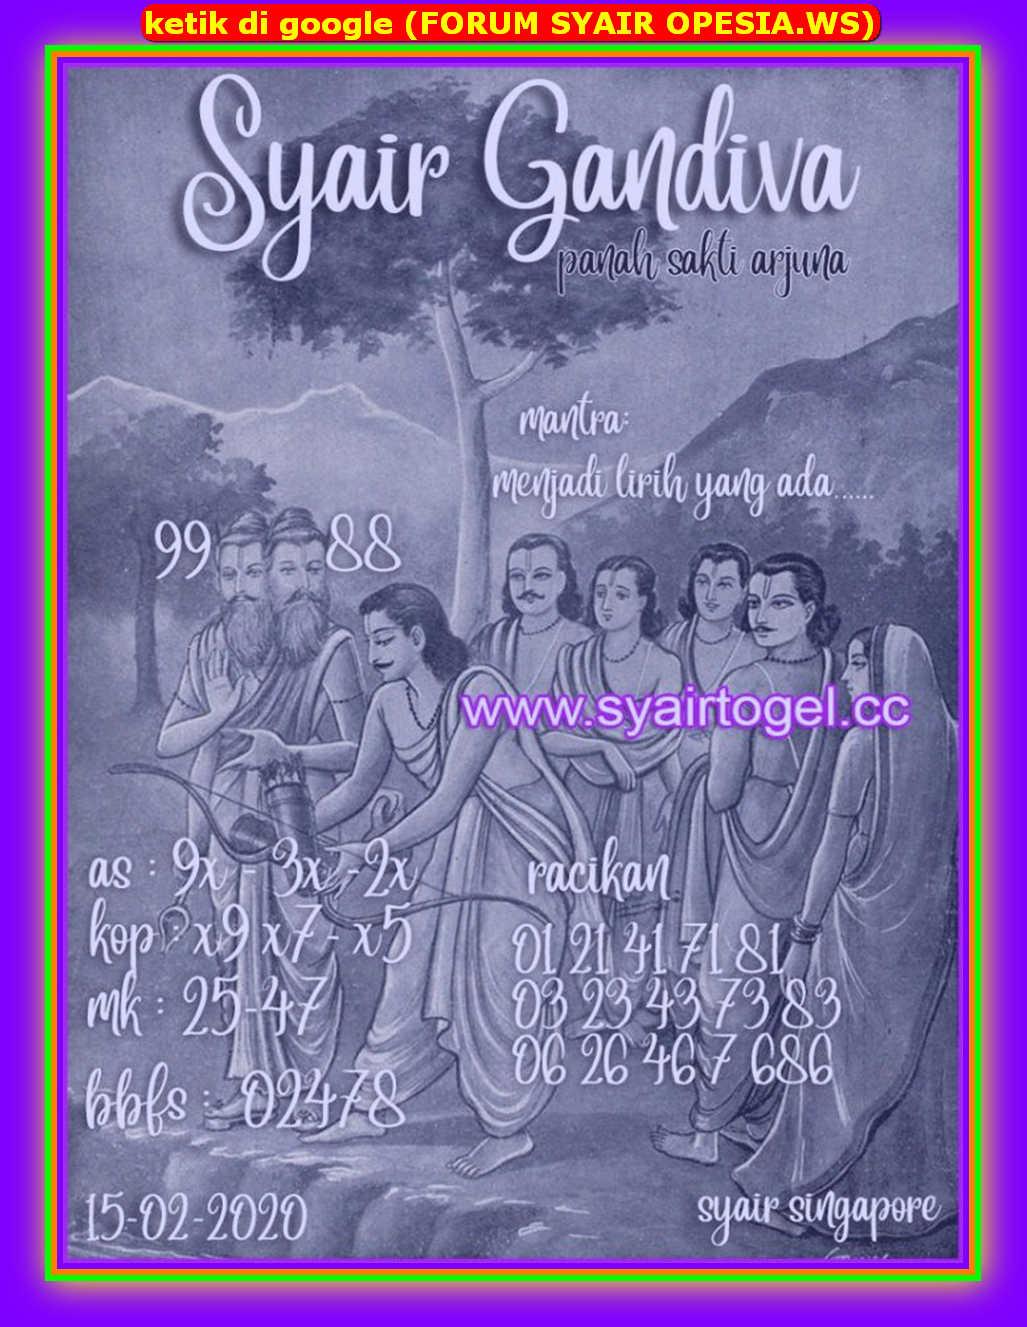 Kode syair Singapore Sabtu 15 Februari 2020 144